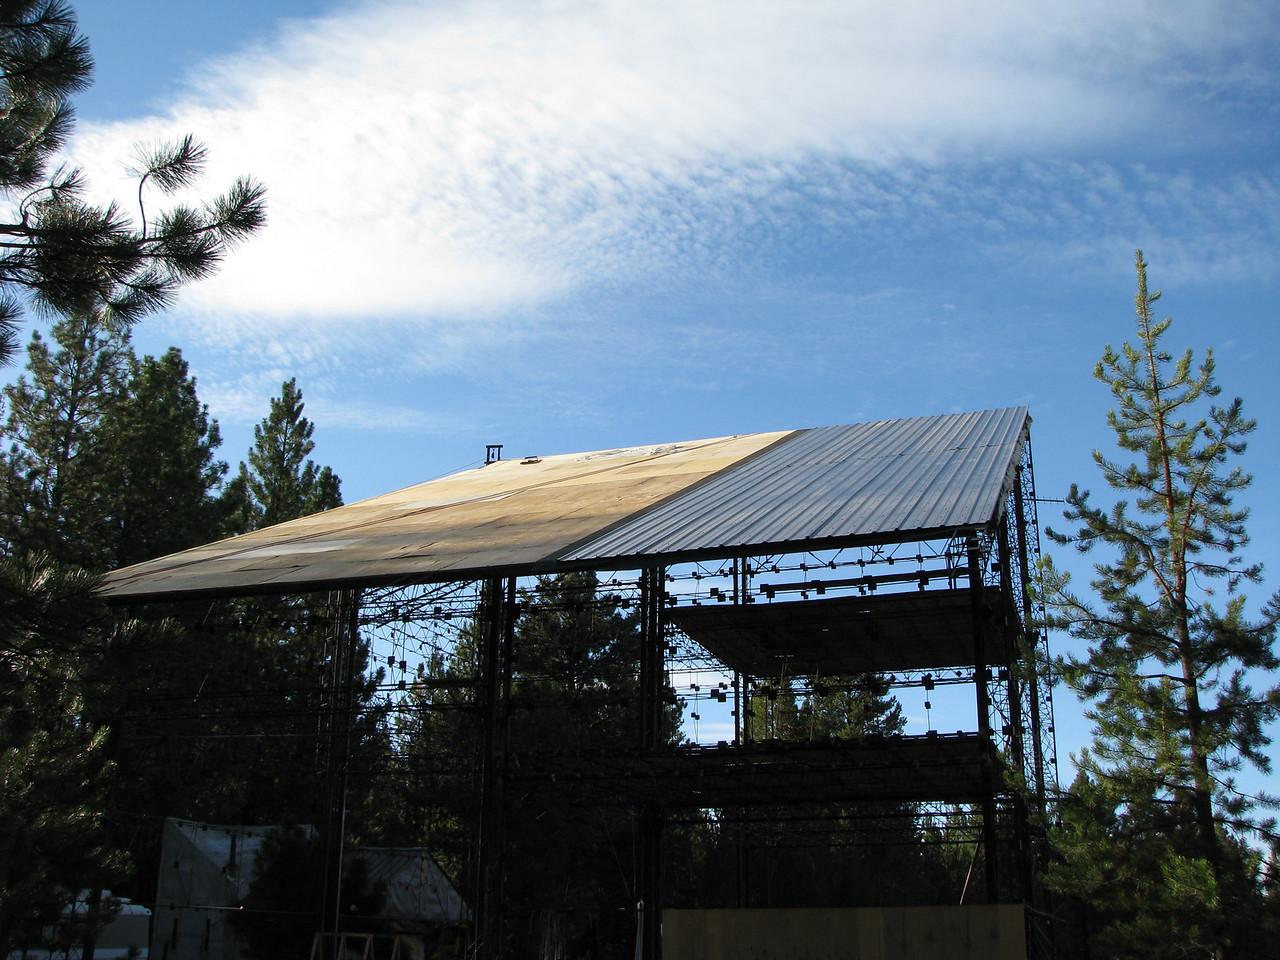 Lances_Roof-179